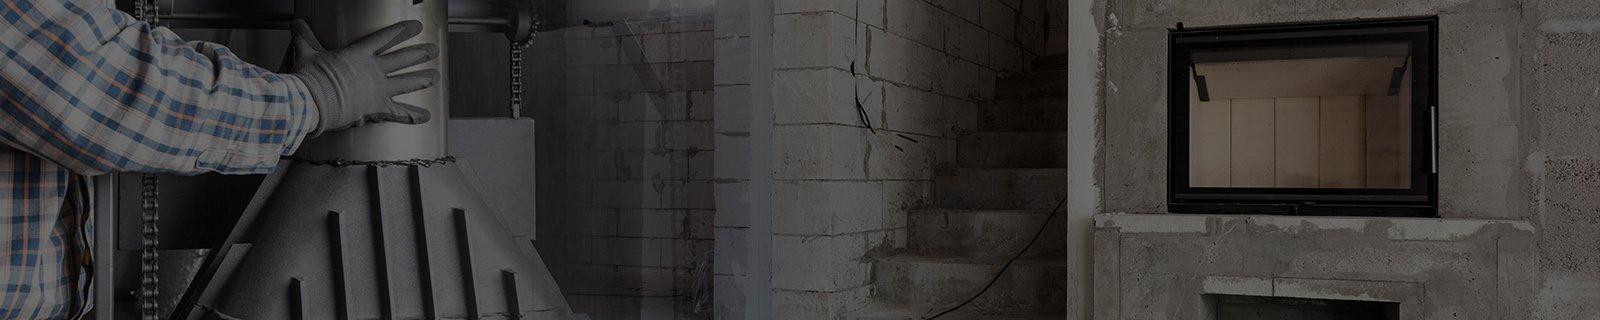 Двери, стекло, шнуры, клея для каминов купить в Киеве. Установка, монтаж. Заказать. Цены, фото, сайт - Kaminoff